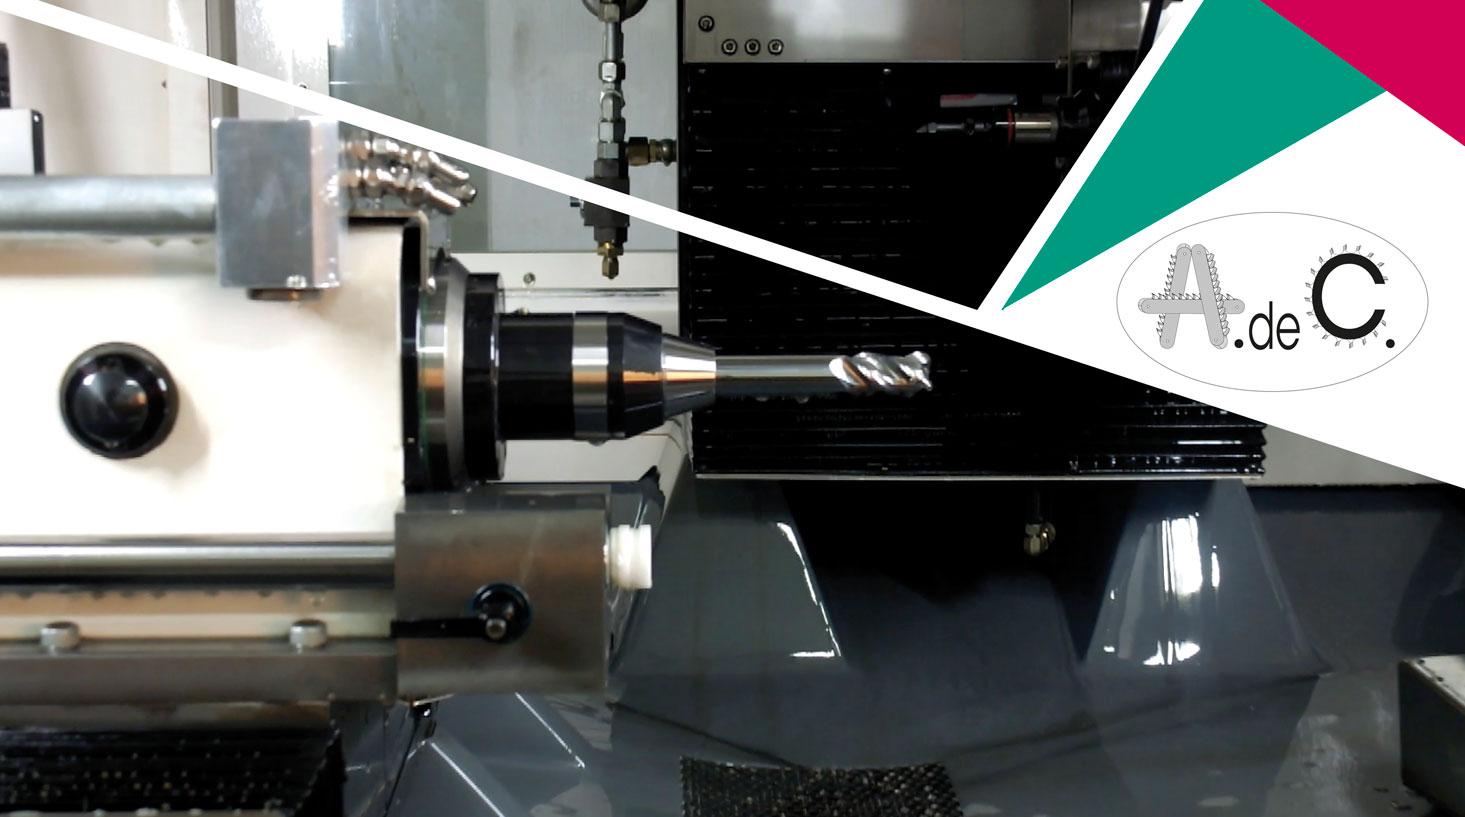 Afilado de calidad, fabricación y afilado herramientas de corte, cuchillas.